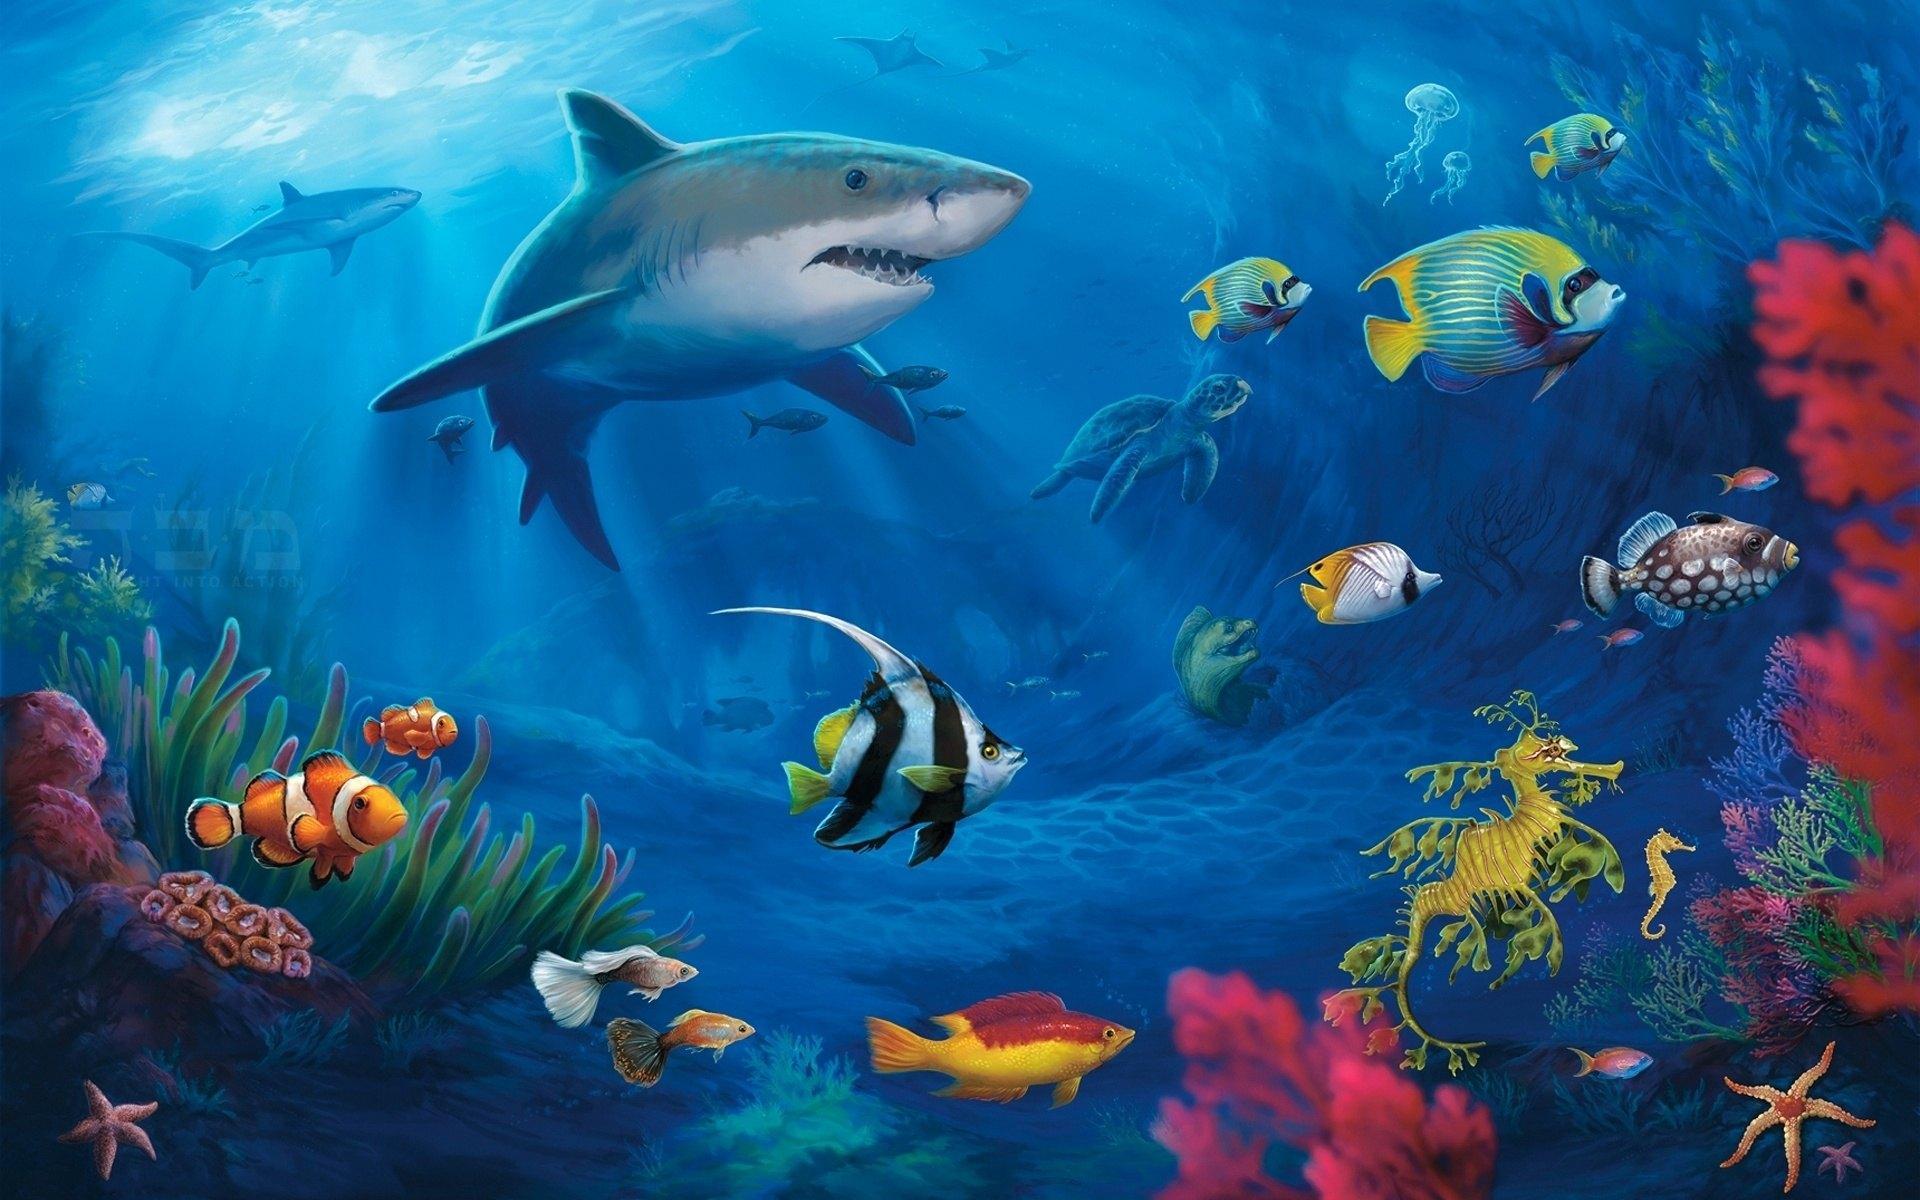 高清動態桌面壁紙海底世界